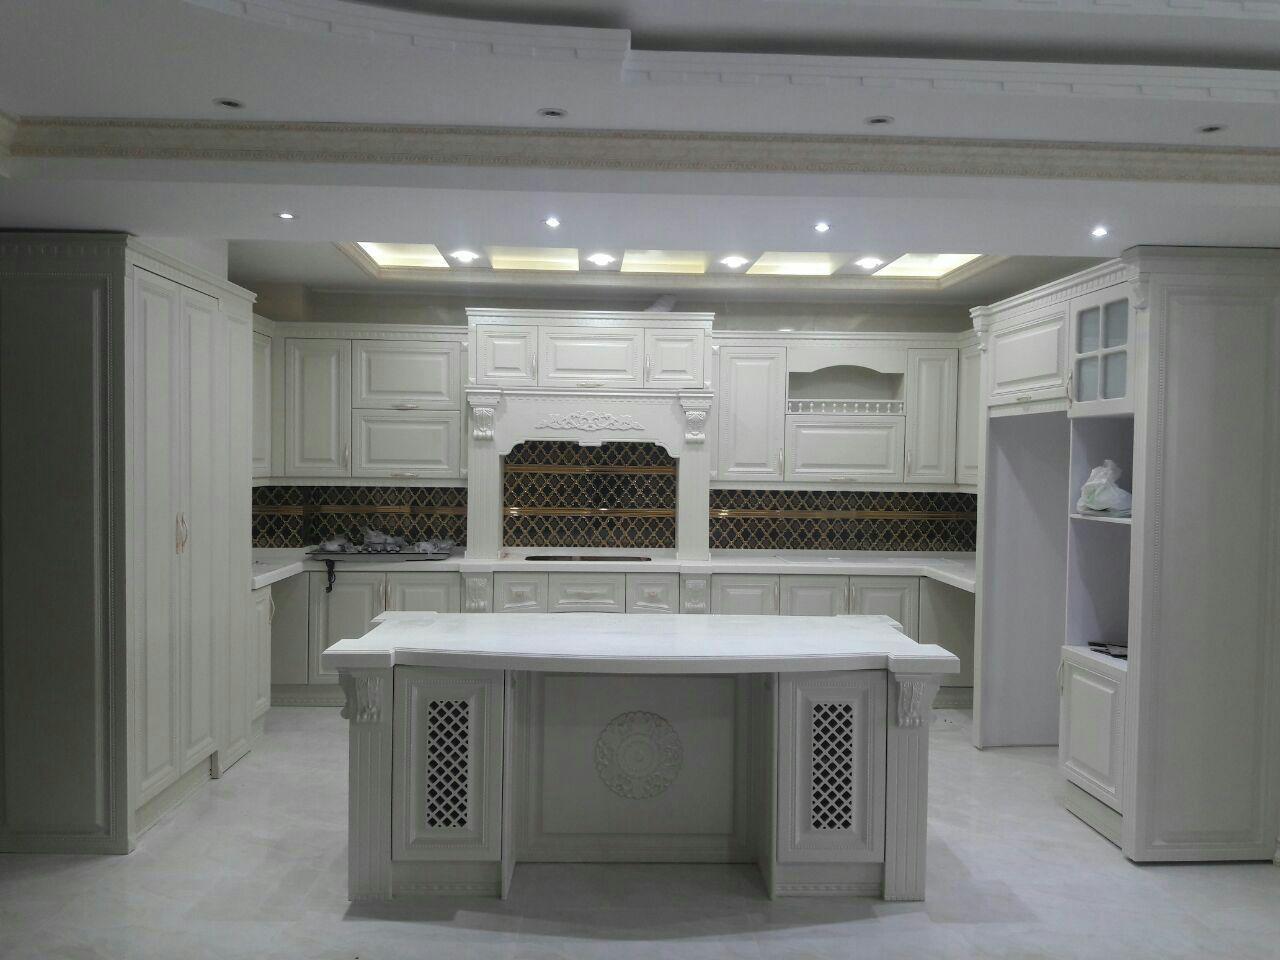 عکسهایی از جزیره آشپزخانه